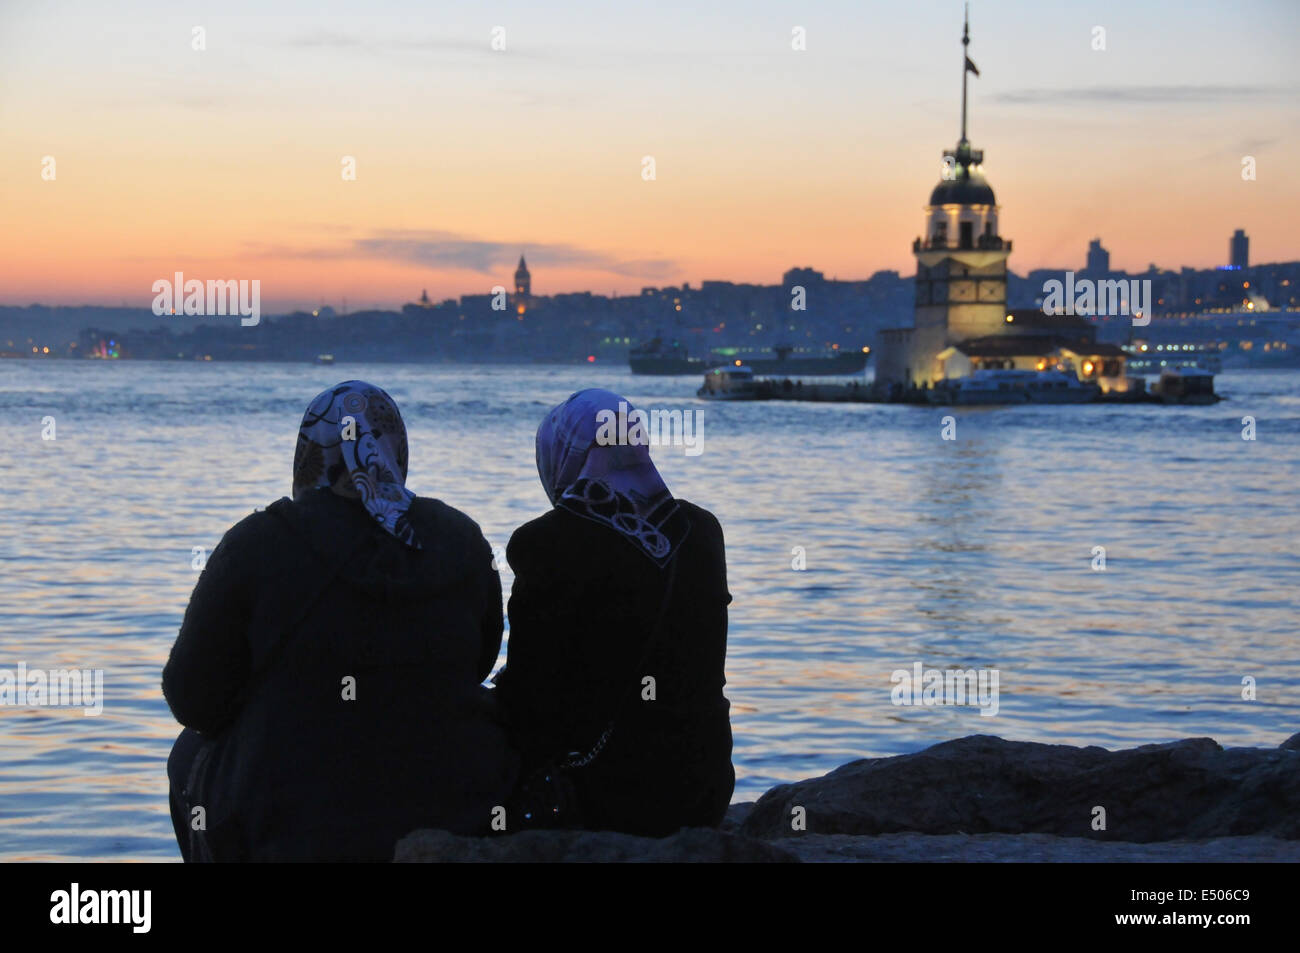 Dos mujeres relajarse en la Üsküdar waterfront al atardecer. Torre de la doncella (K?z Kulesi) puede verse Imagen De Stock